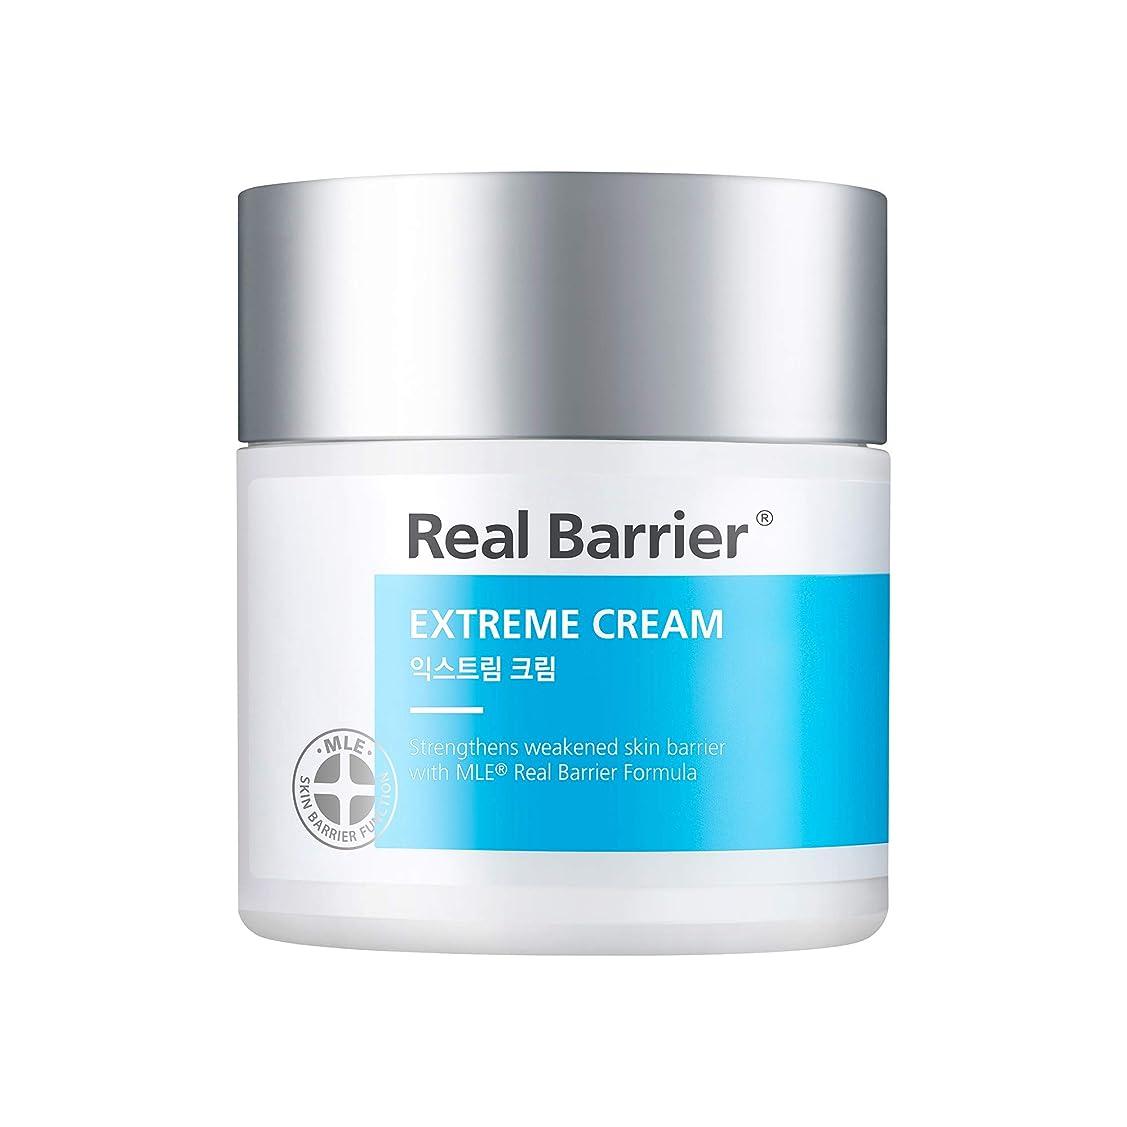 ヘルメットピケどのくらいの頻度でアトパーム(atopalm) リアルベリアエクストリームクリーム/Atopam Real Barrier Extreme Cream